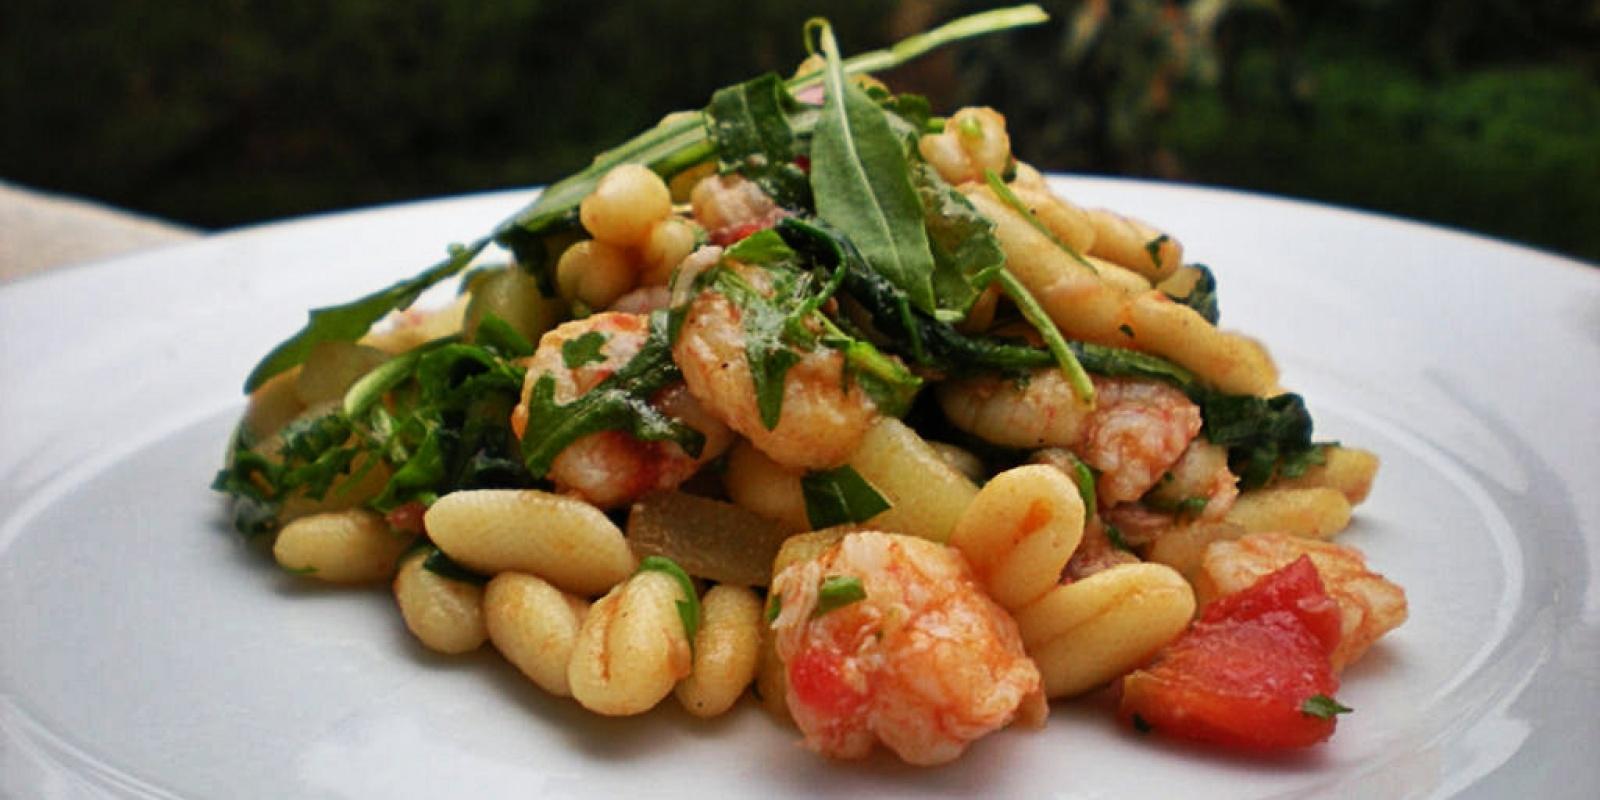 Mangiare pugliese a roma 3 indirizzi da non perdere - Dove comprare cucina ...